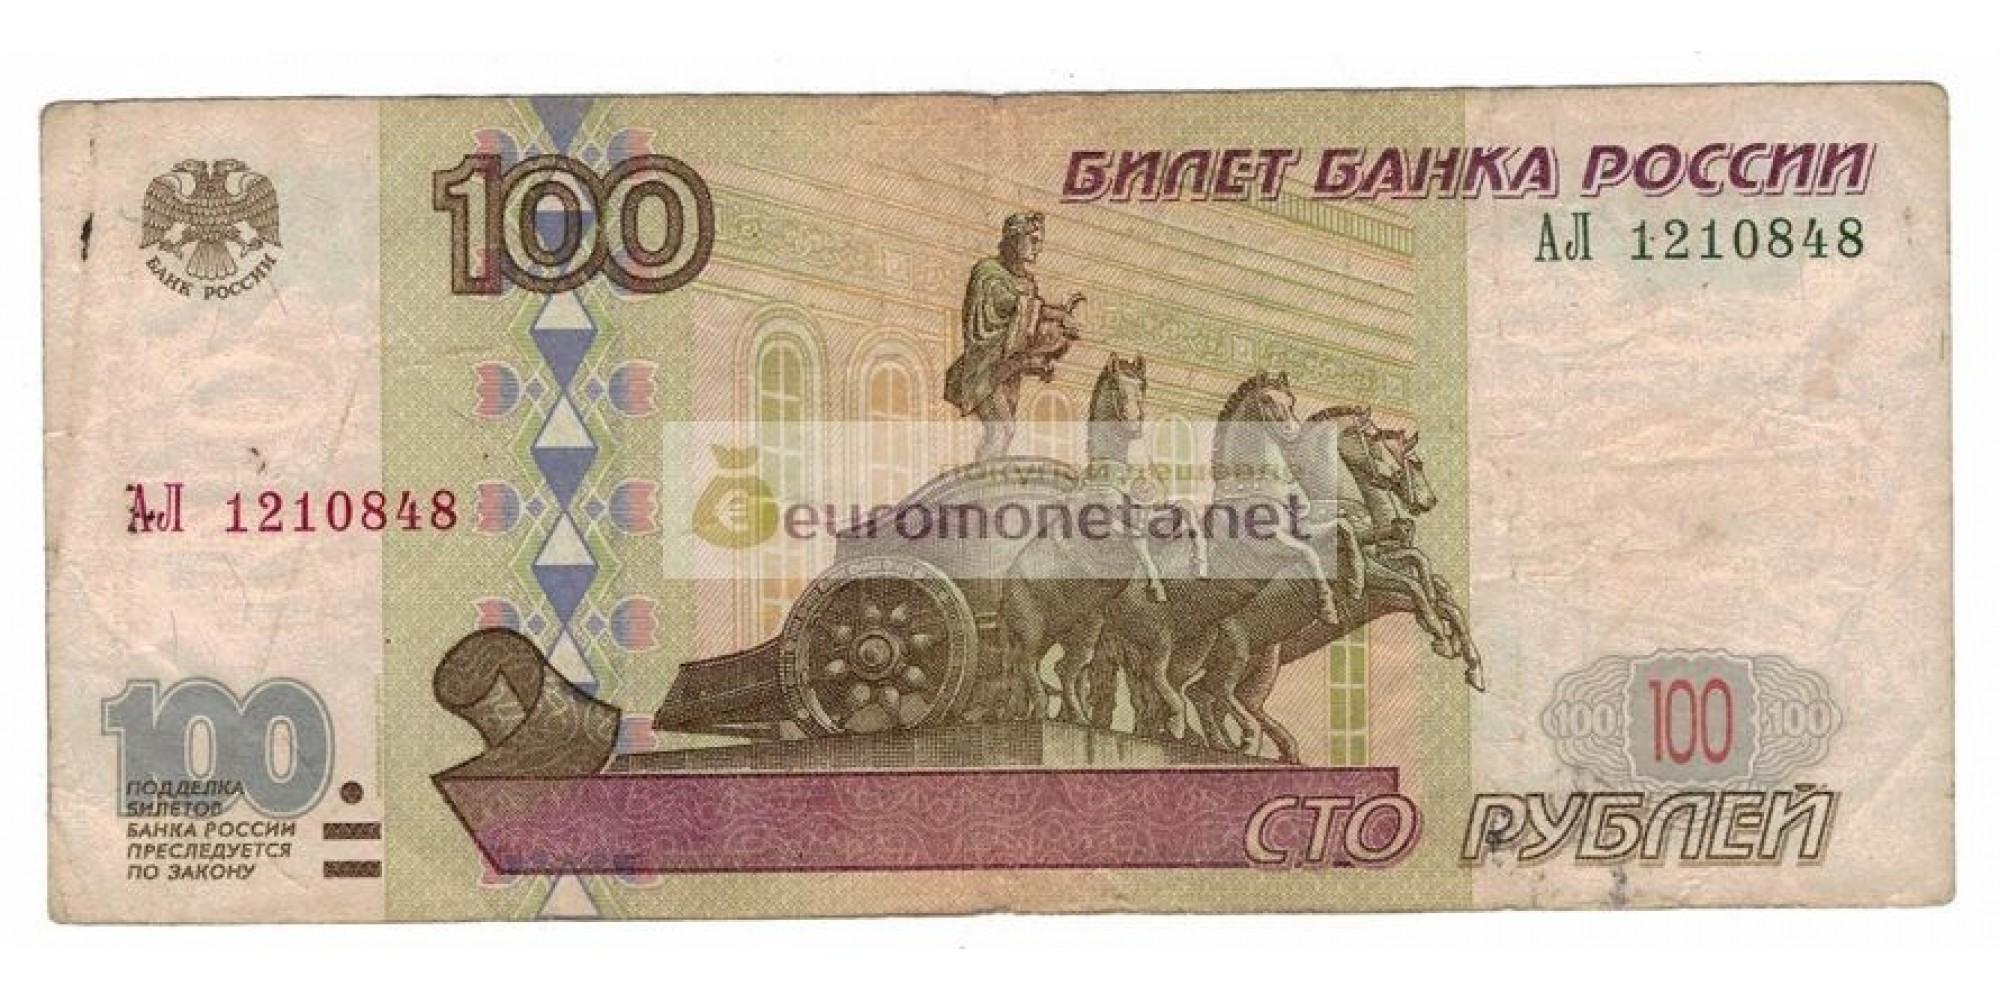 Россия 100 рублей 1997 год модификация 2001 год редкая серия АЛ 1210848